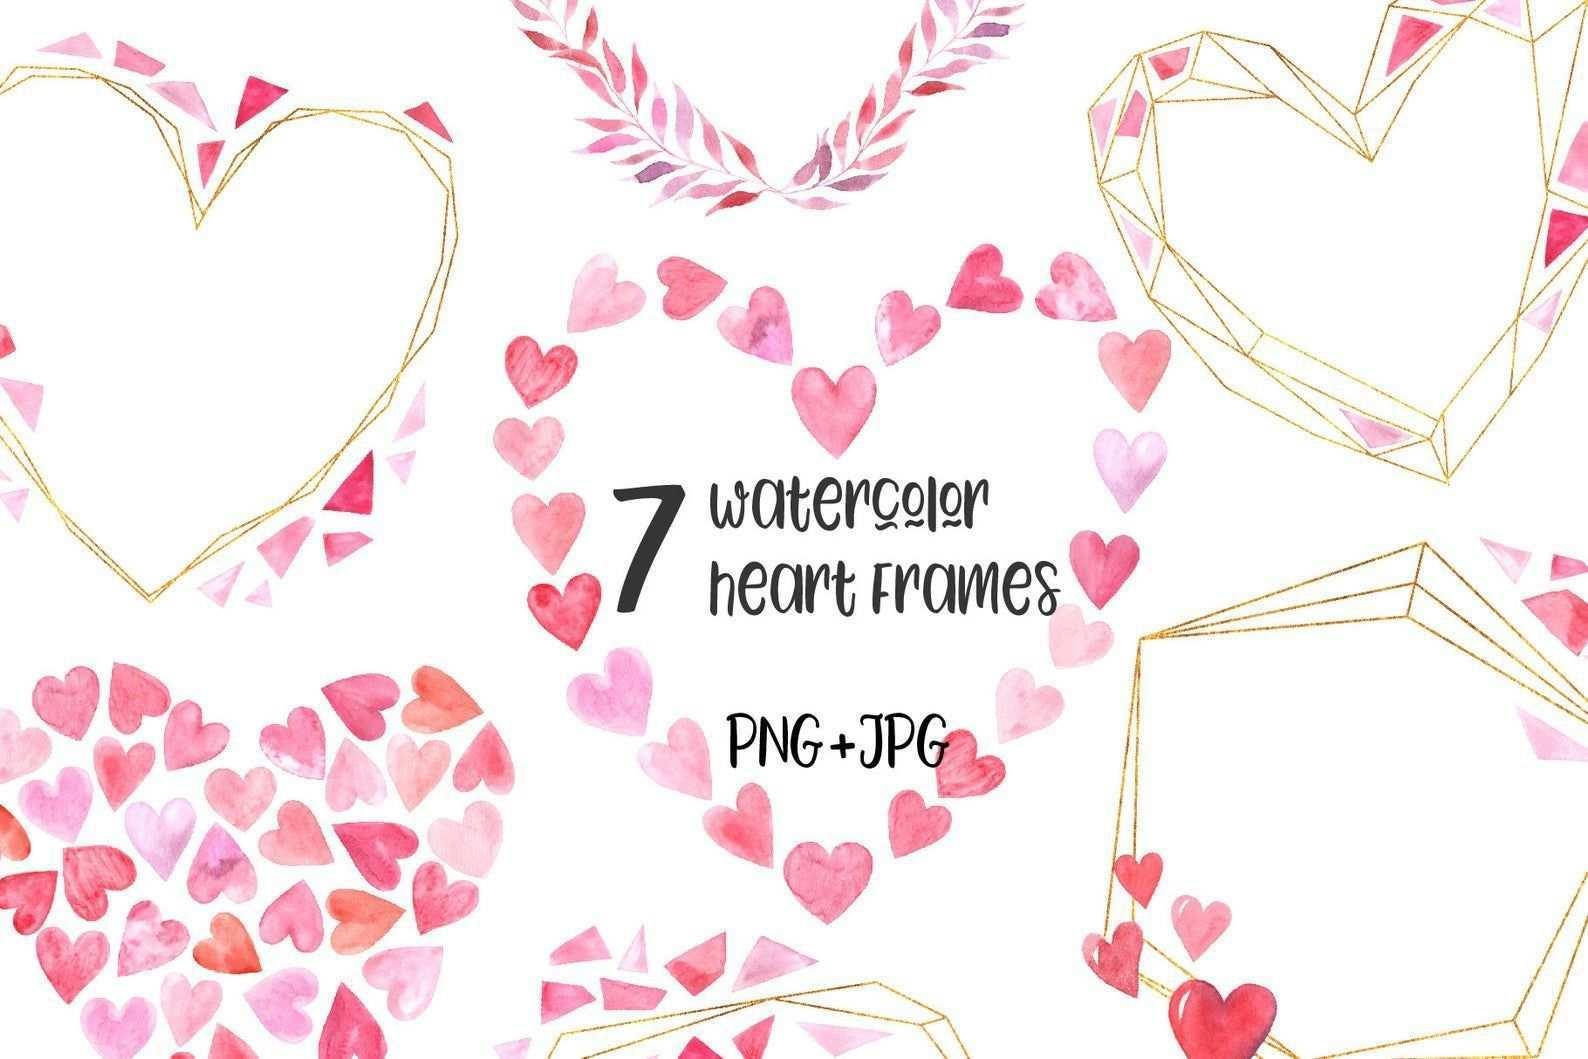 Aquarell Valentine Herz Kranz Clipart Valentines Day Karte Rahmen Feder Hochzeit Clip Art Handbemalt Mode Vorlage Png 6 Clipart Hochzeit Clipart Herz Kranz